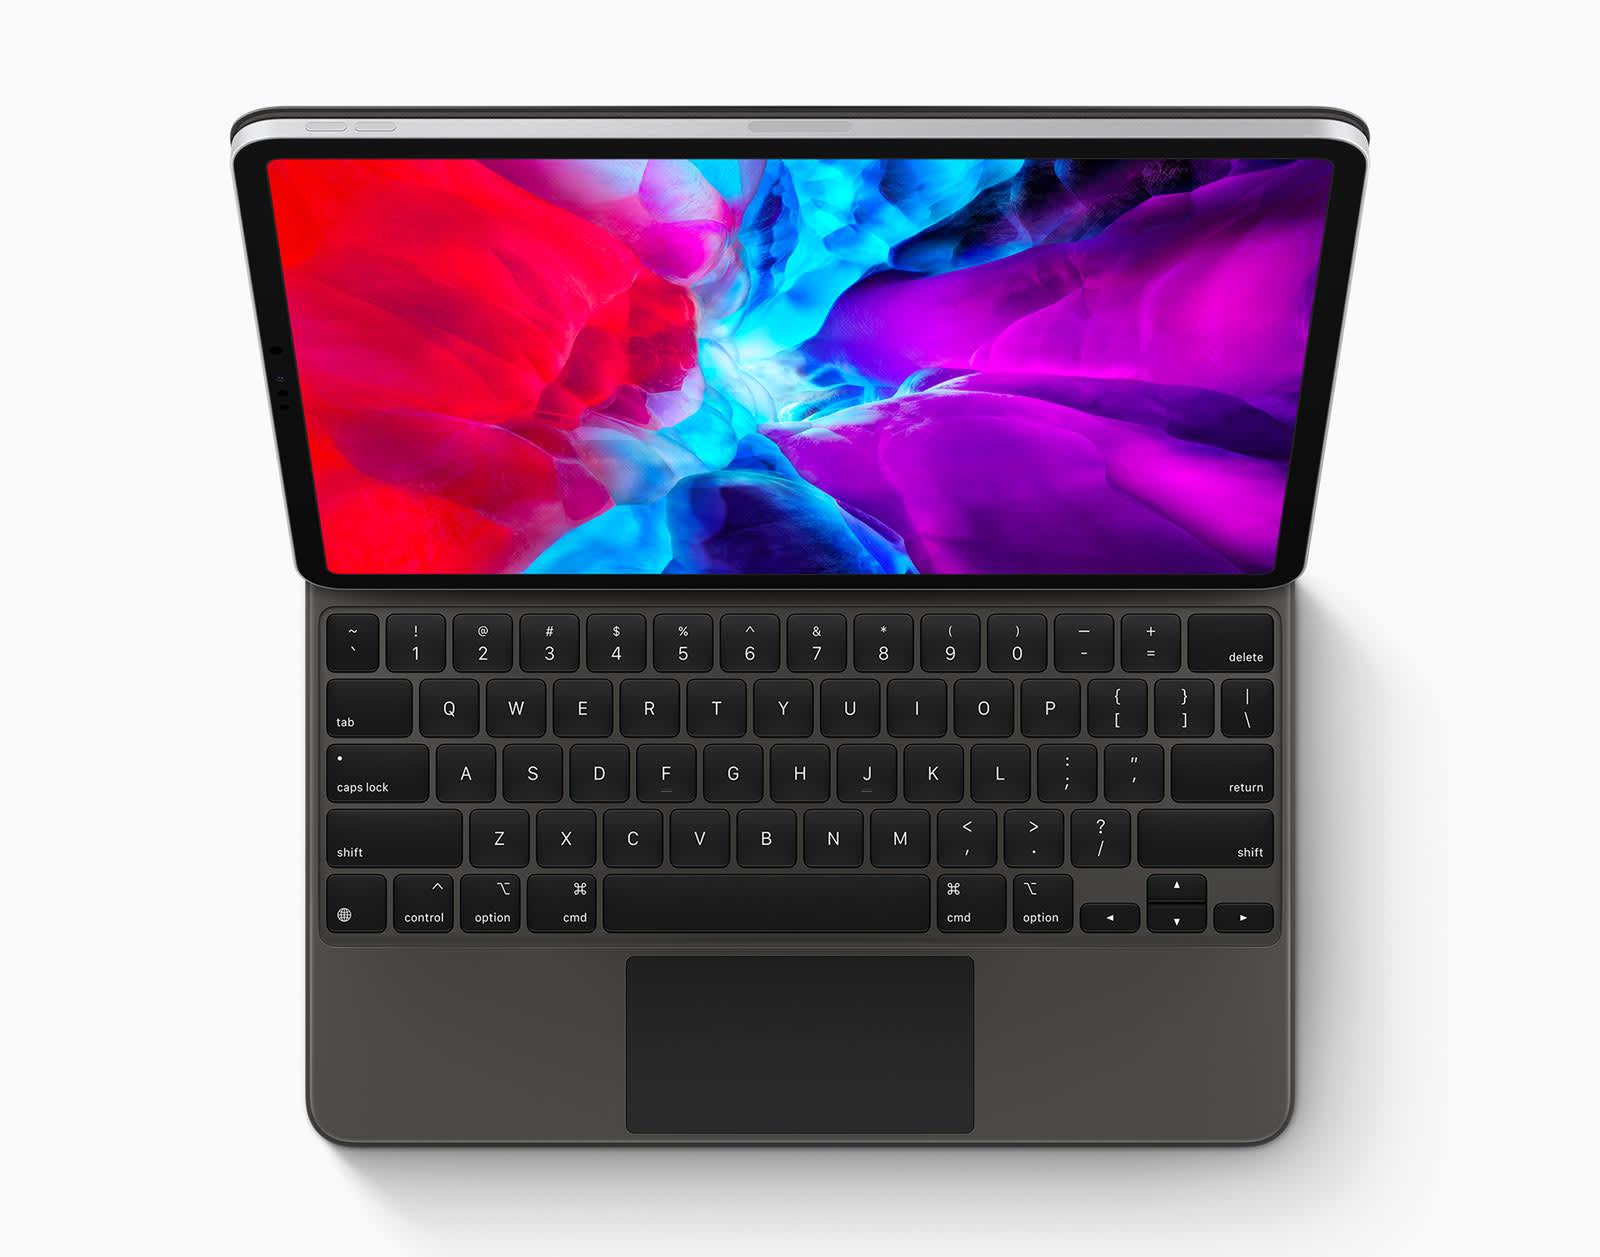 iPad with trackpad keyboard